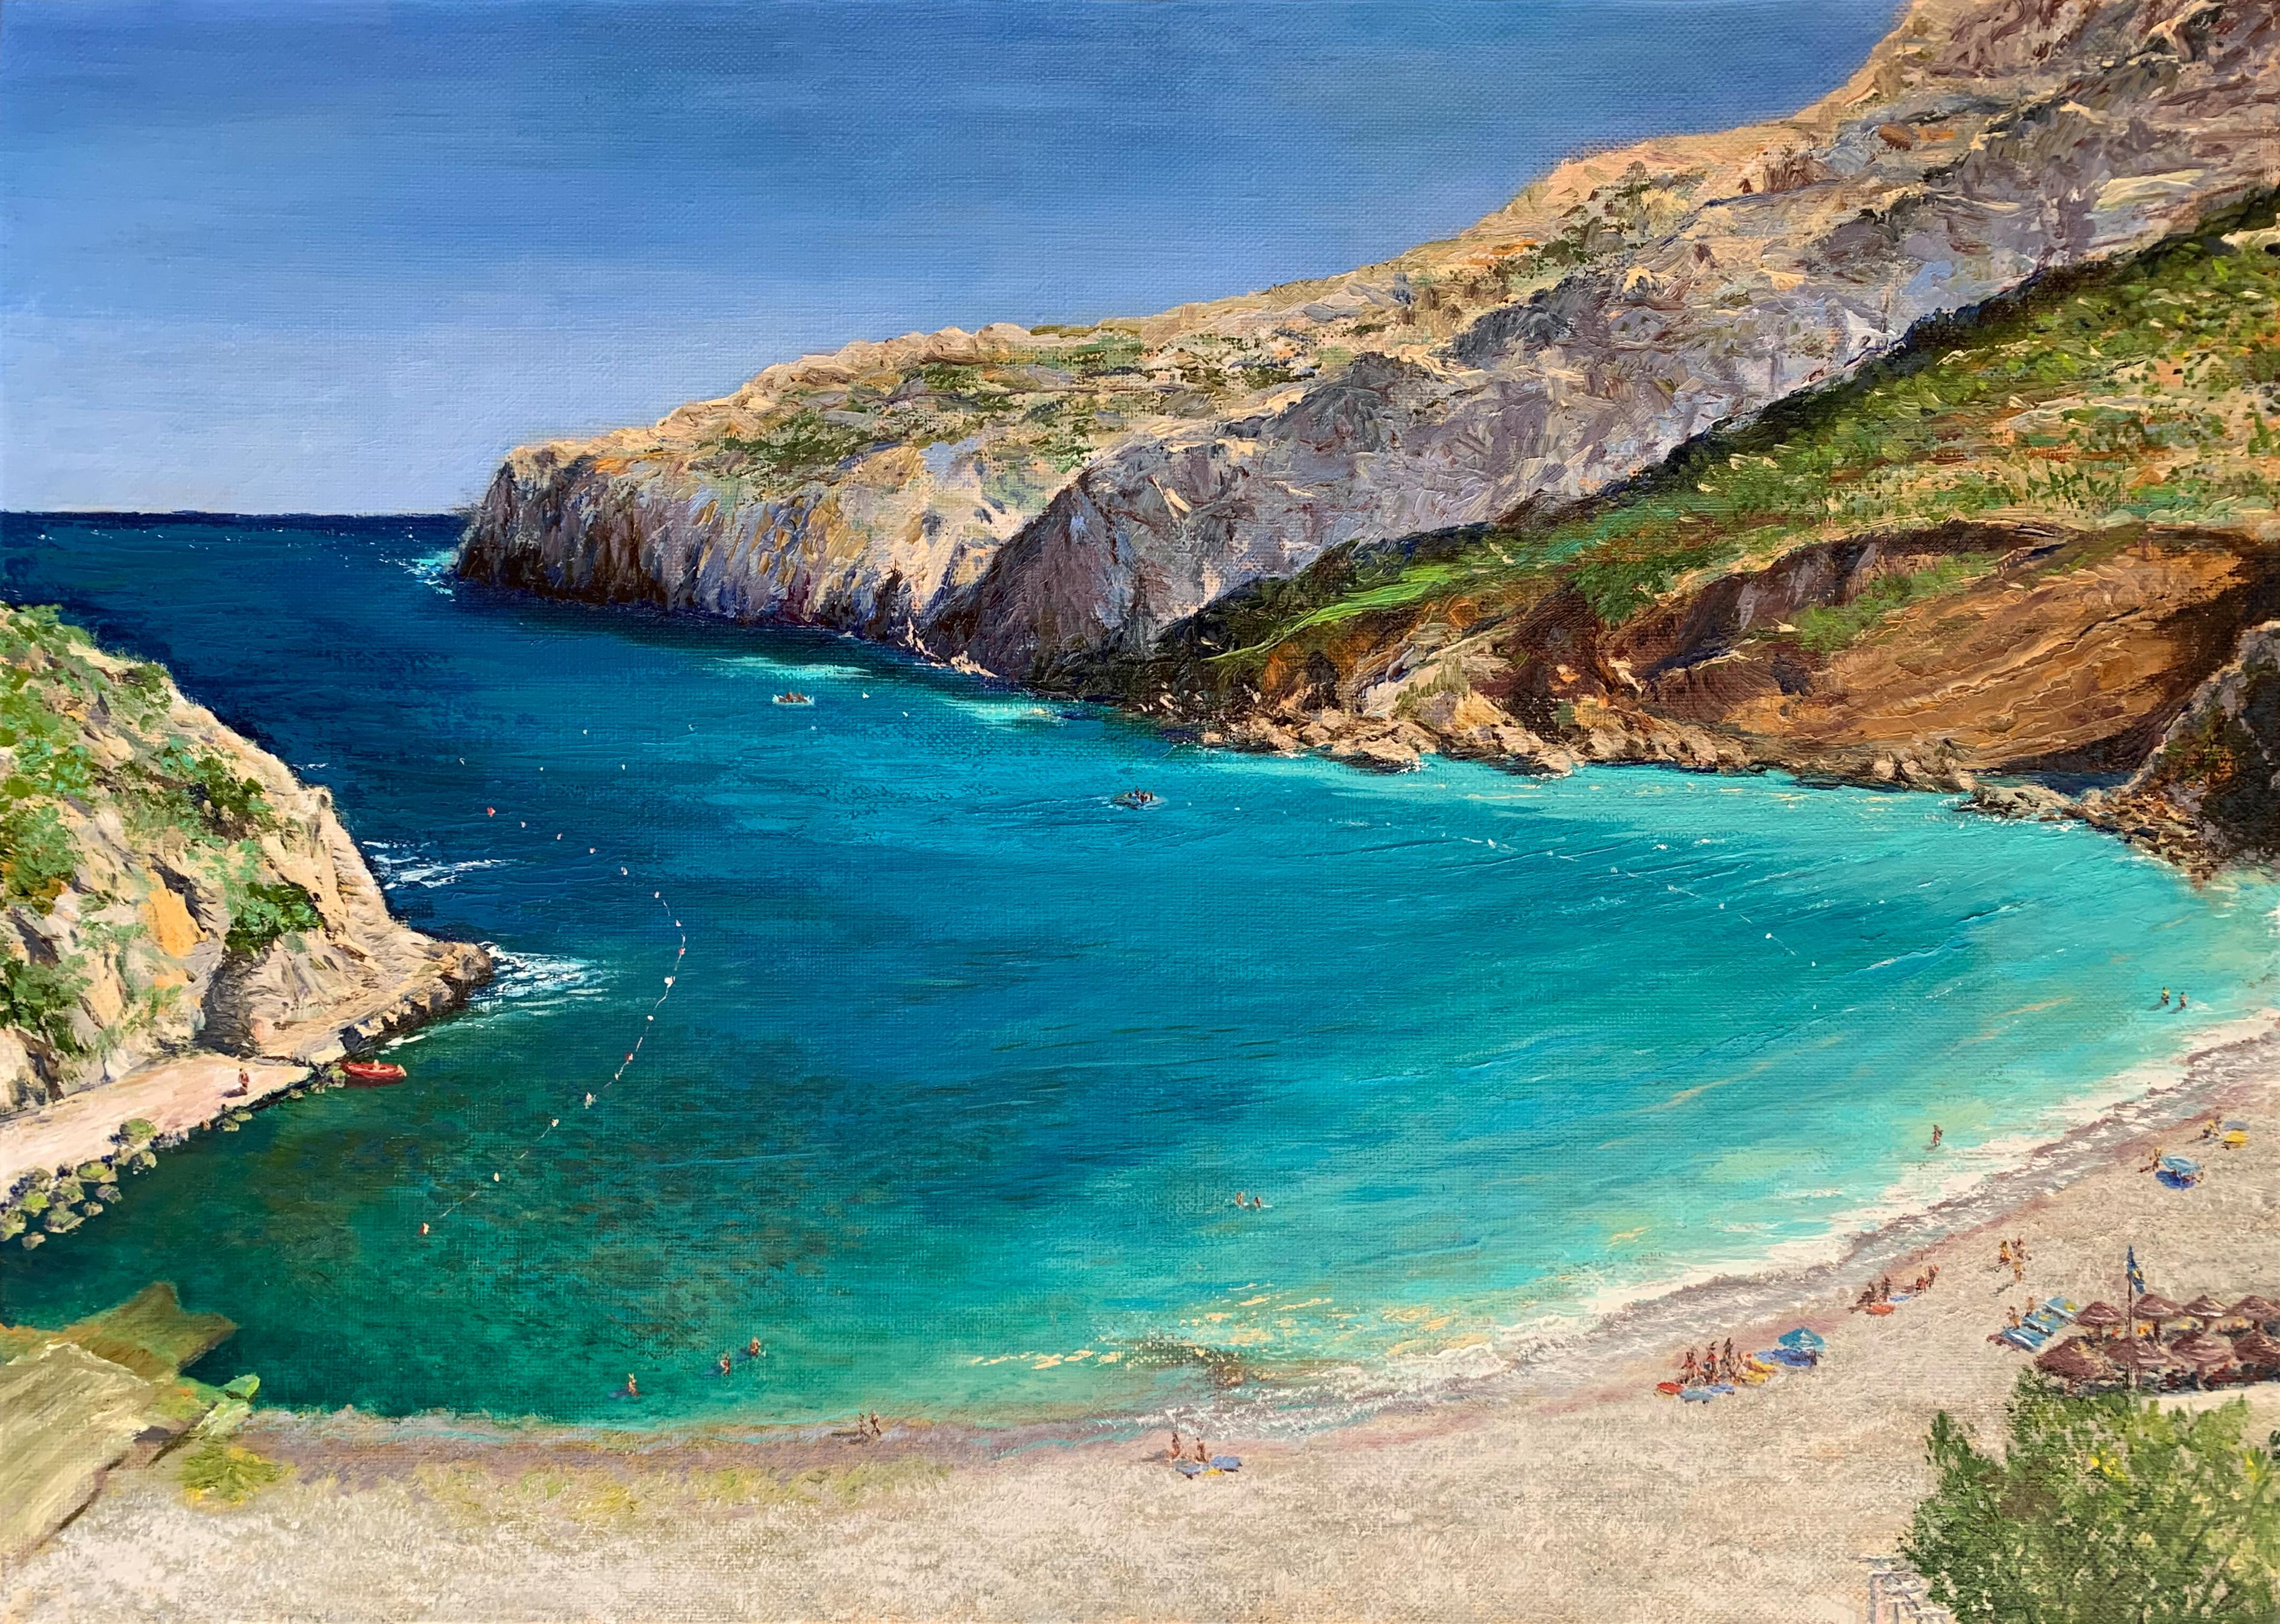 морской пейзаж картина масло холст пляж гранаделла Коста Бланка испания художник Альберт Сафиуллин